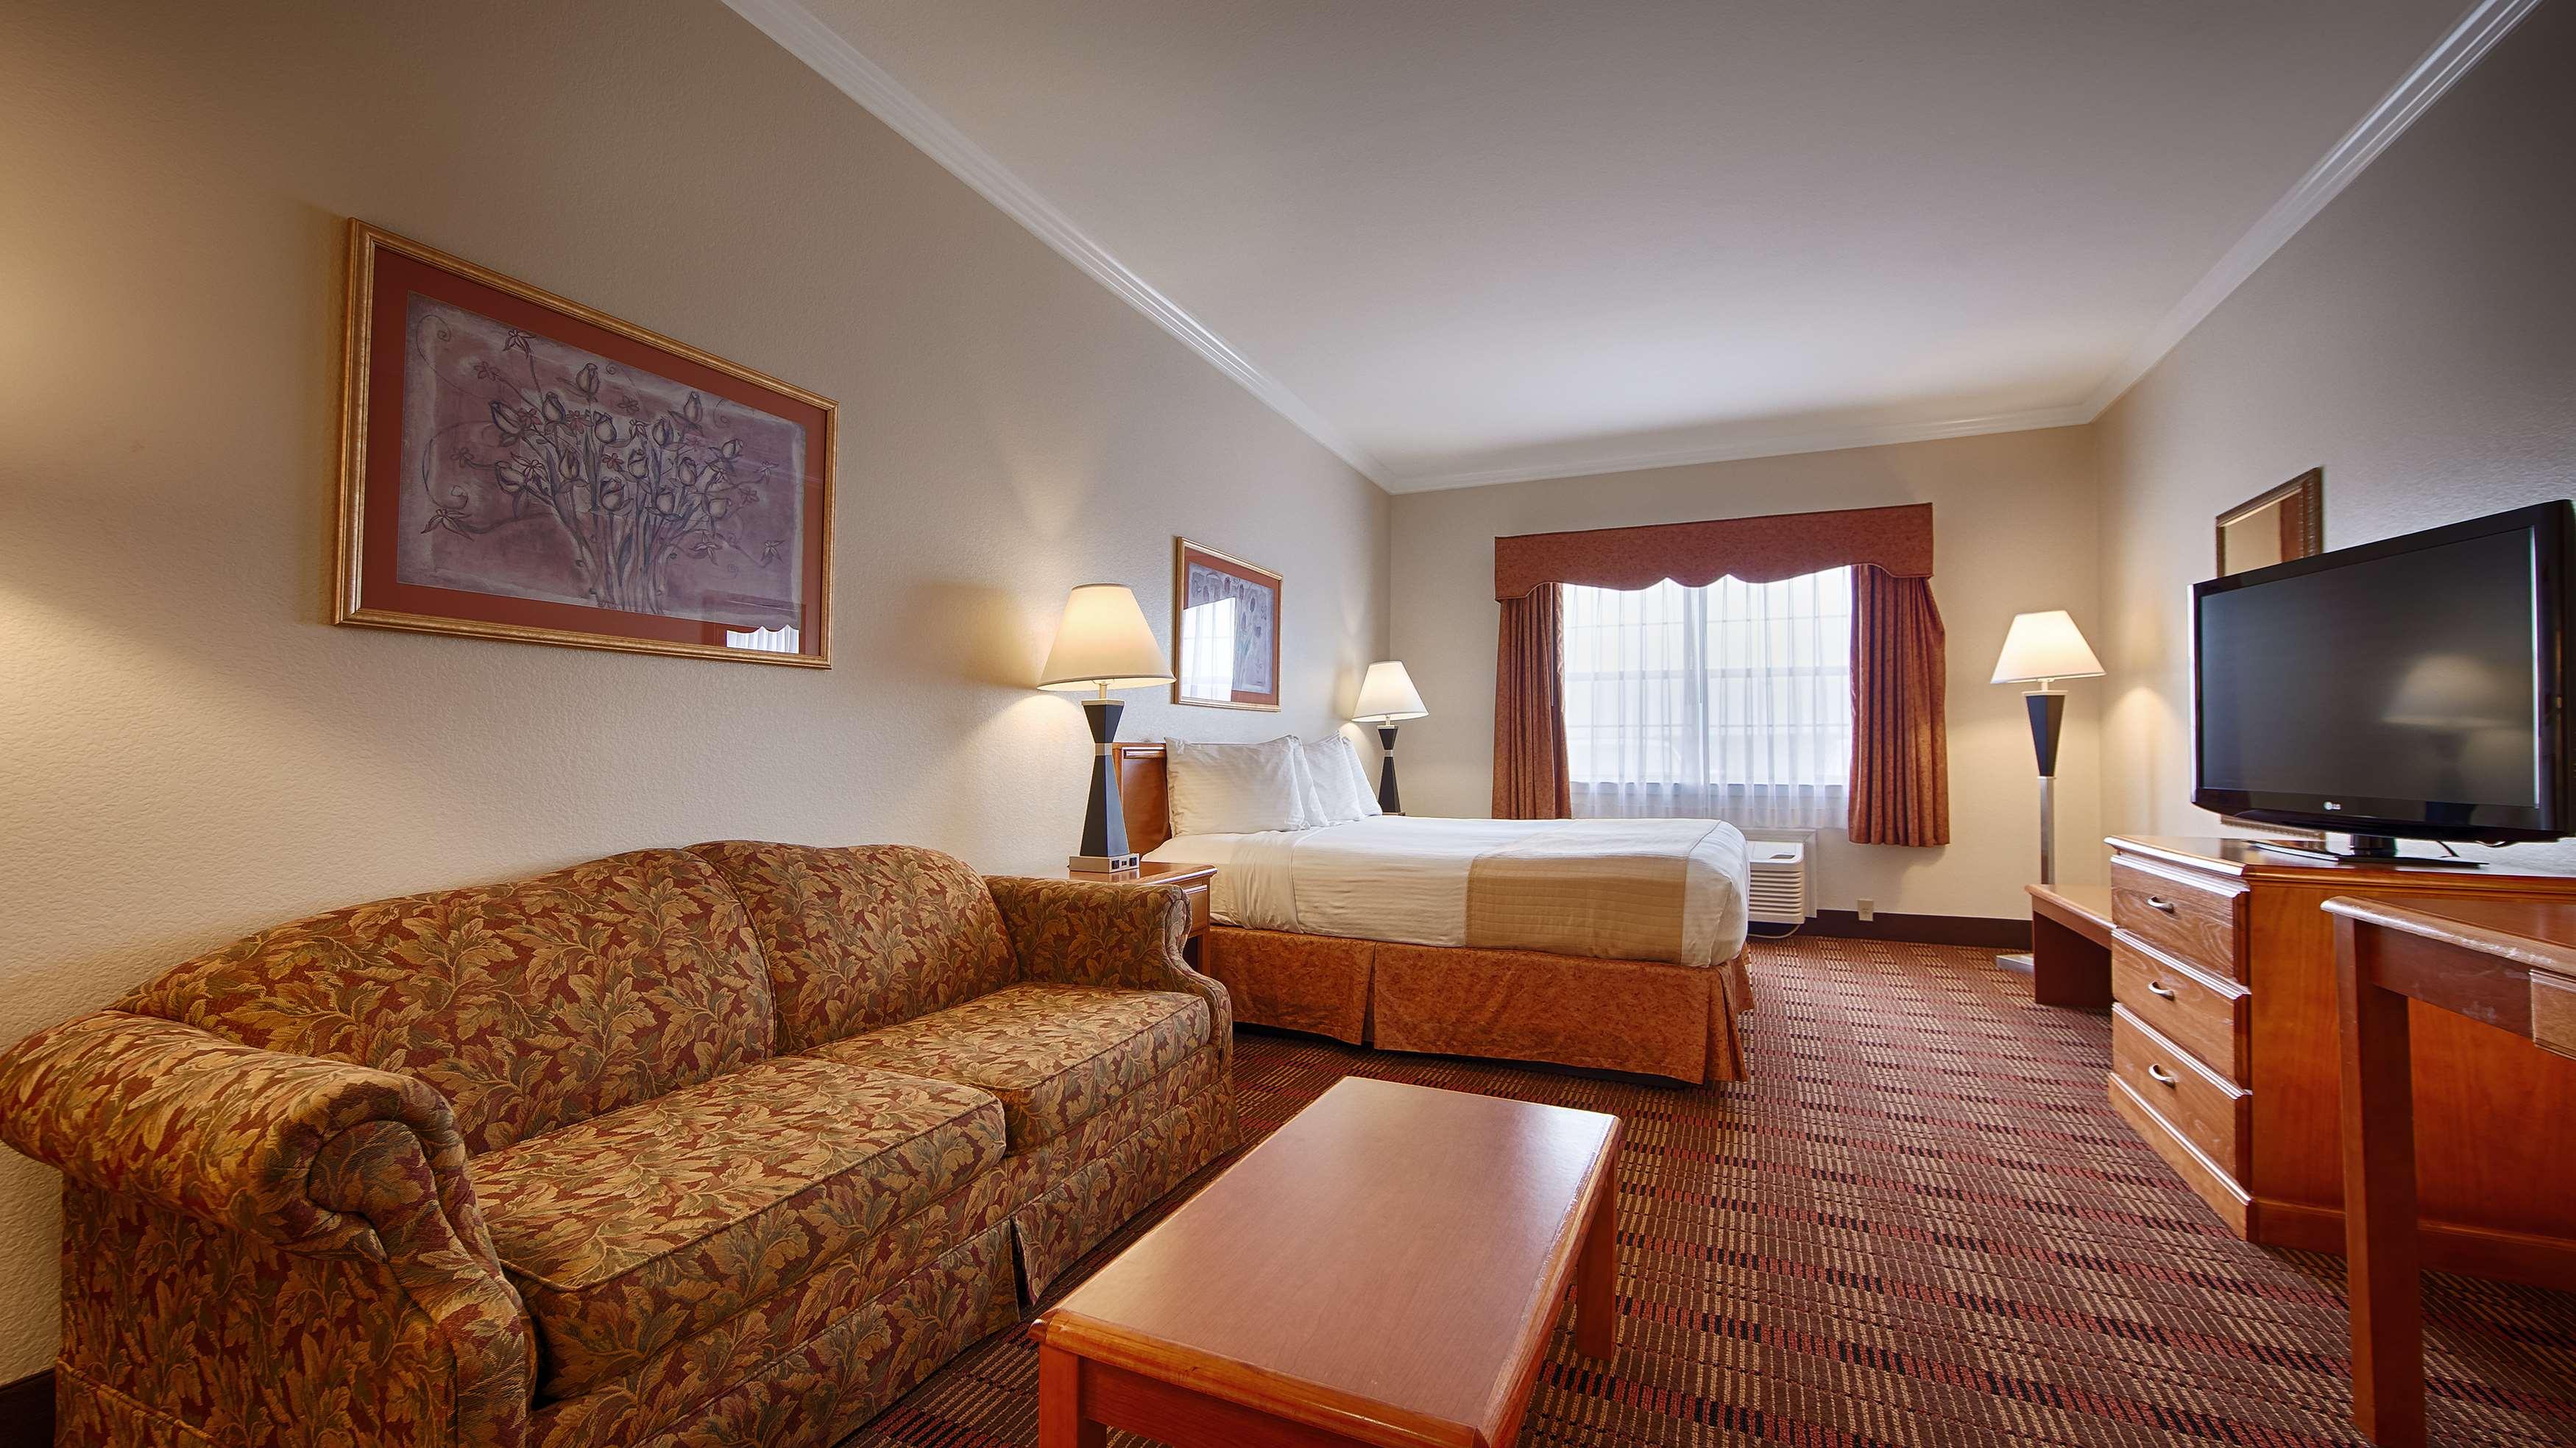 Best Western Club House Inn & Suites image 5